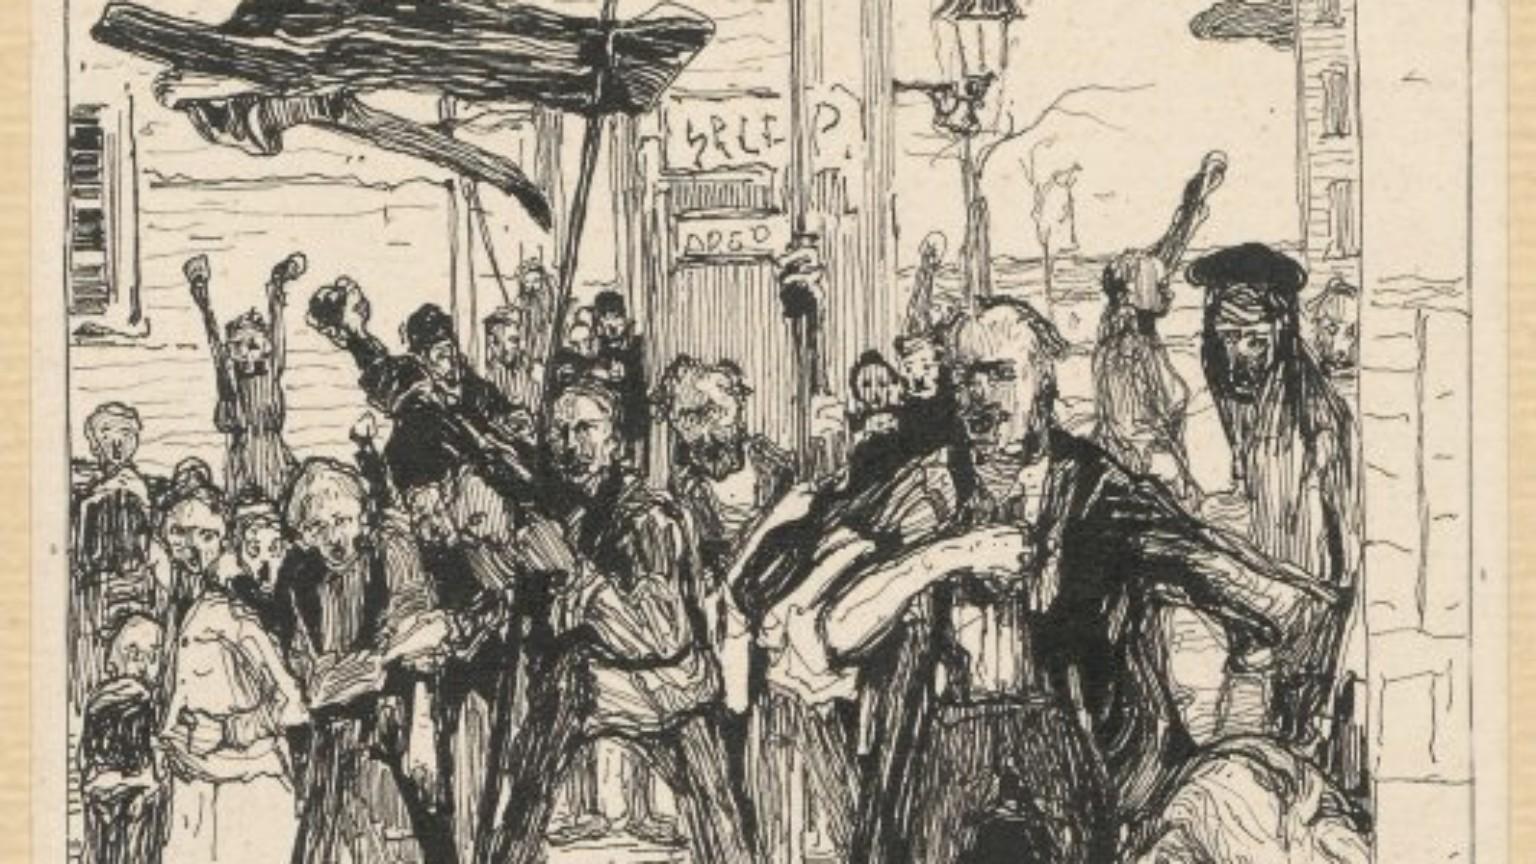 Zdjęcie dla kartki: Rewolucja 1905: Masakra na pl. Teatralnym